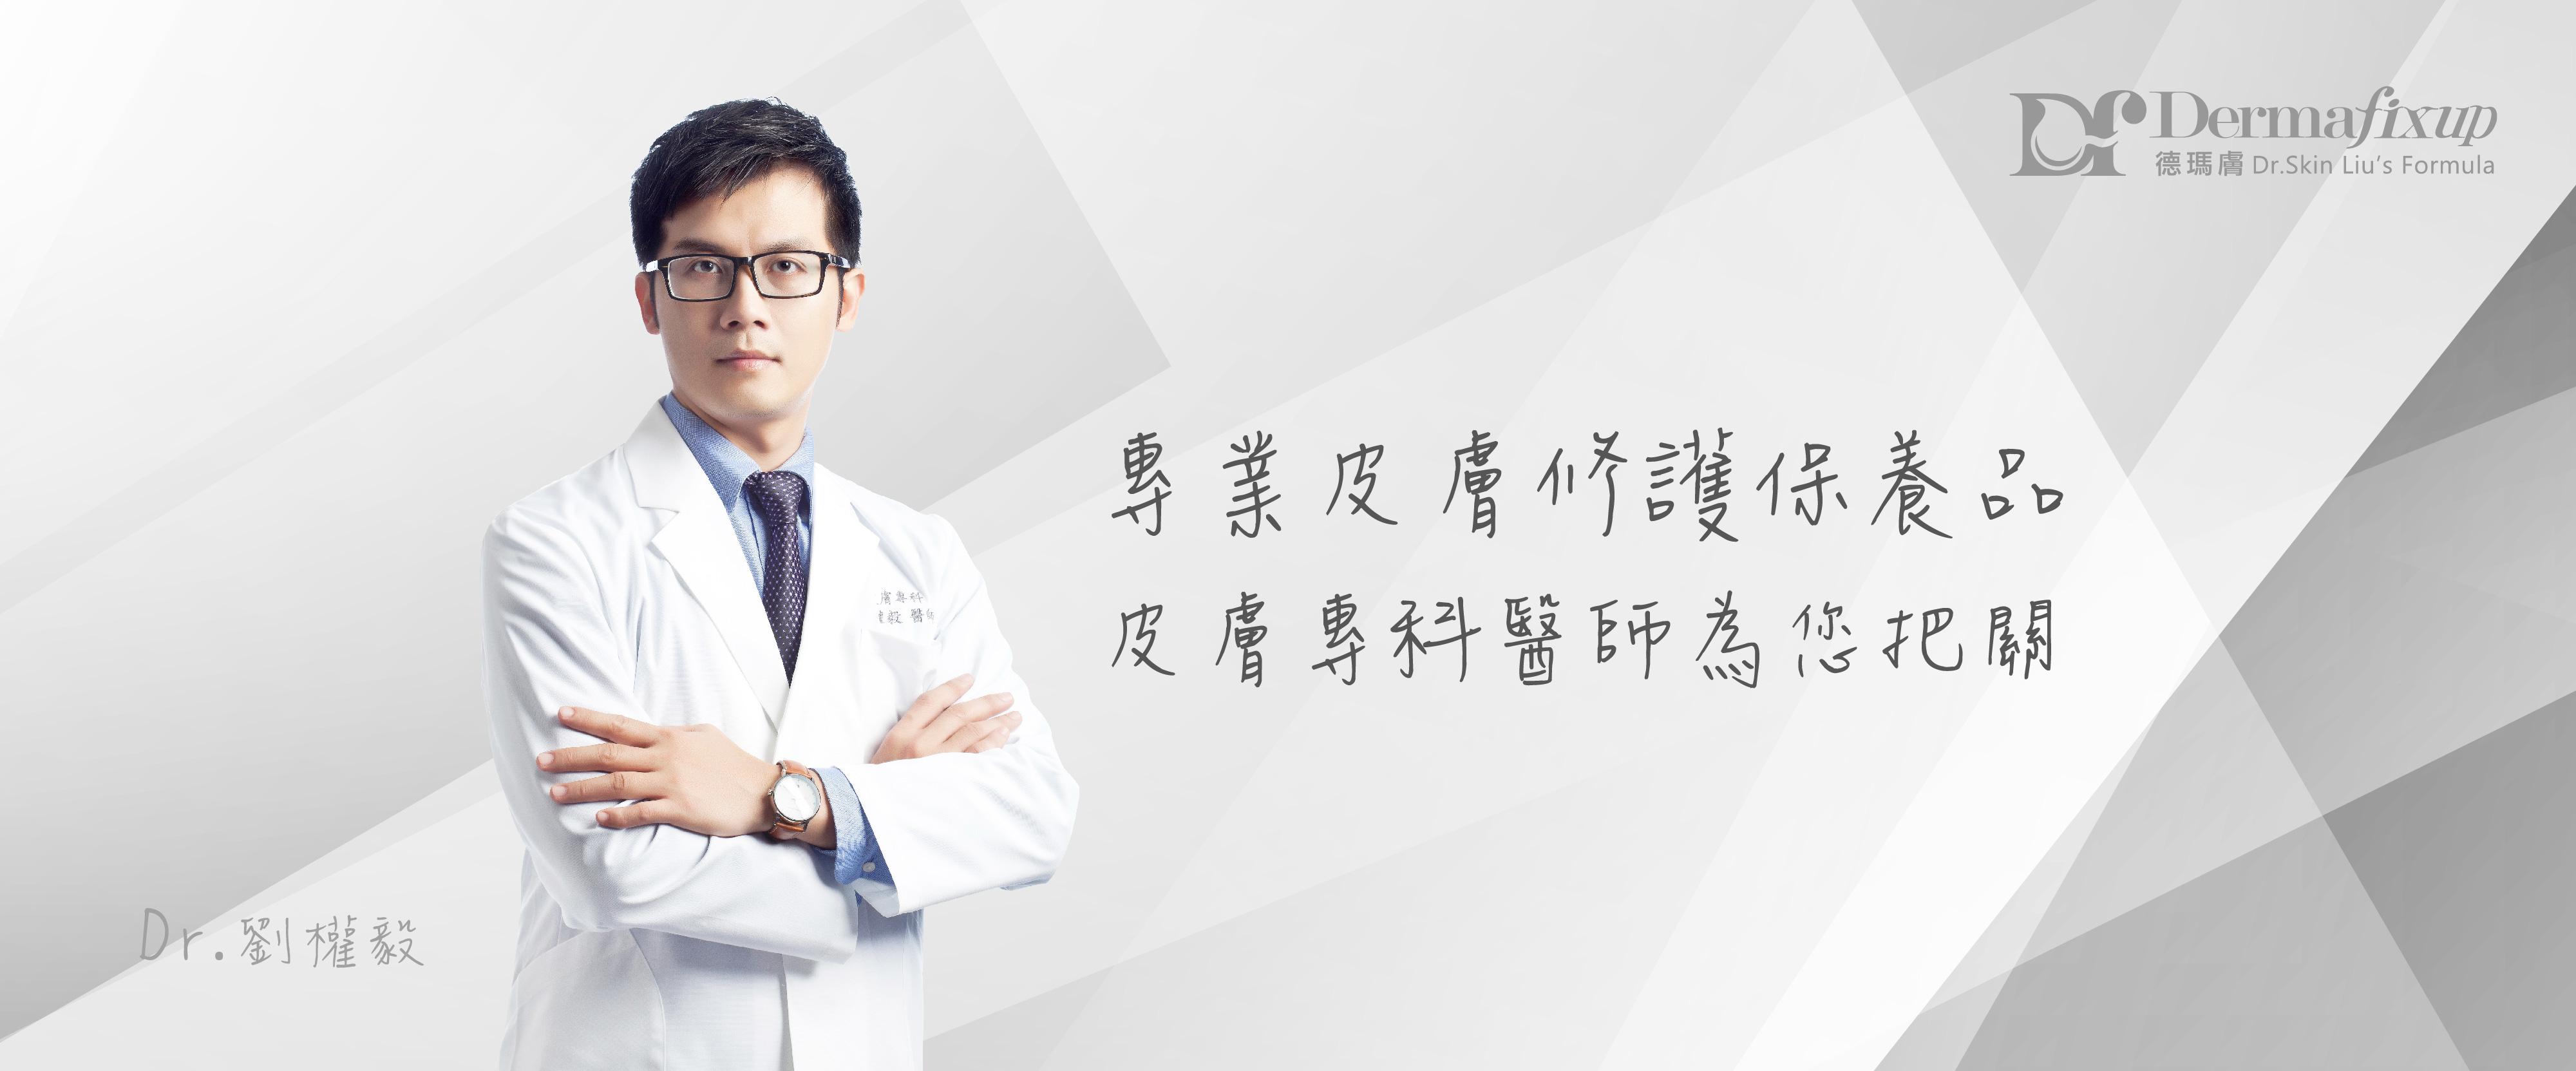 醫美,保養,醫美保養品推薦,敏弱肌